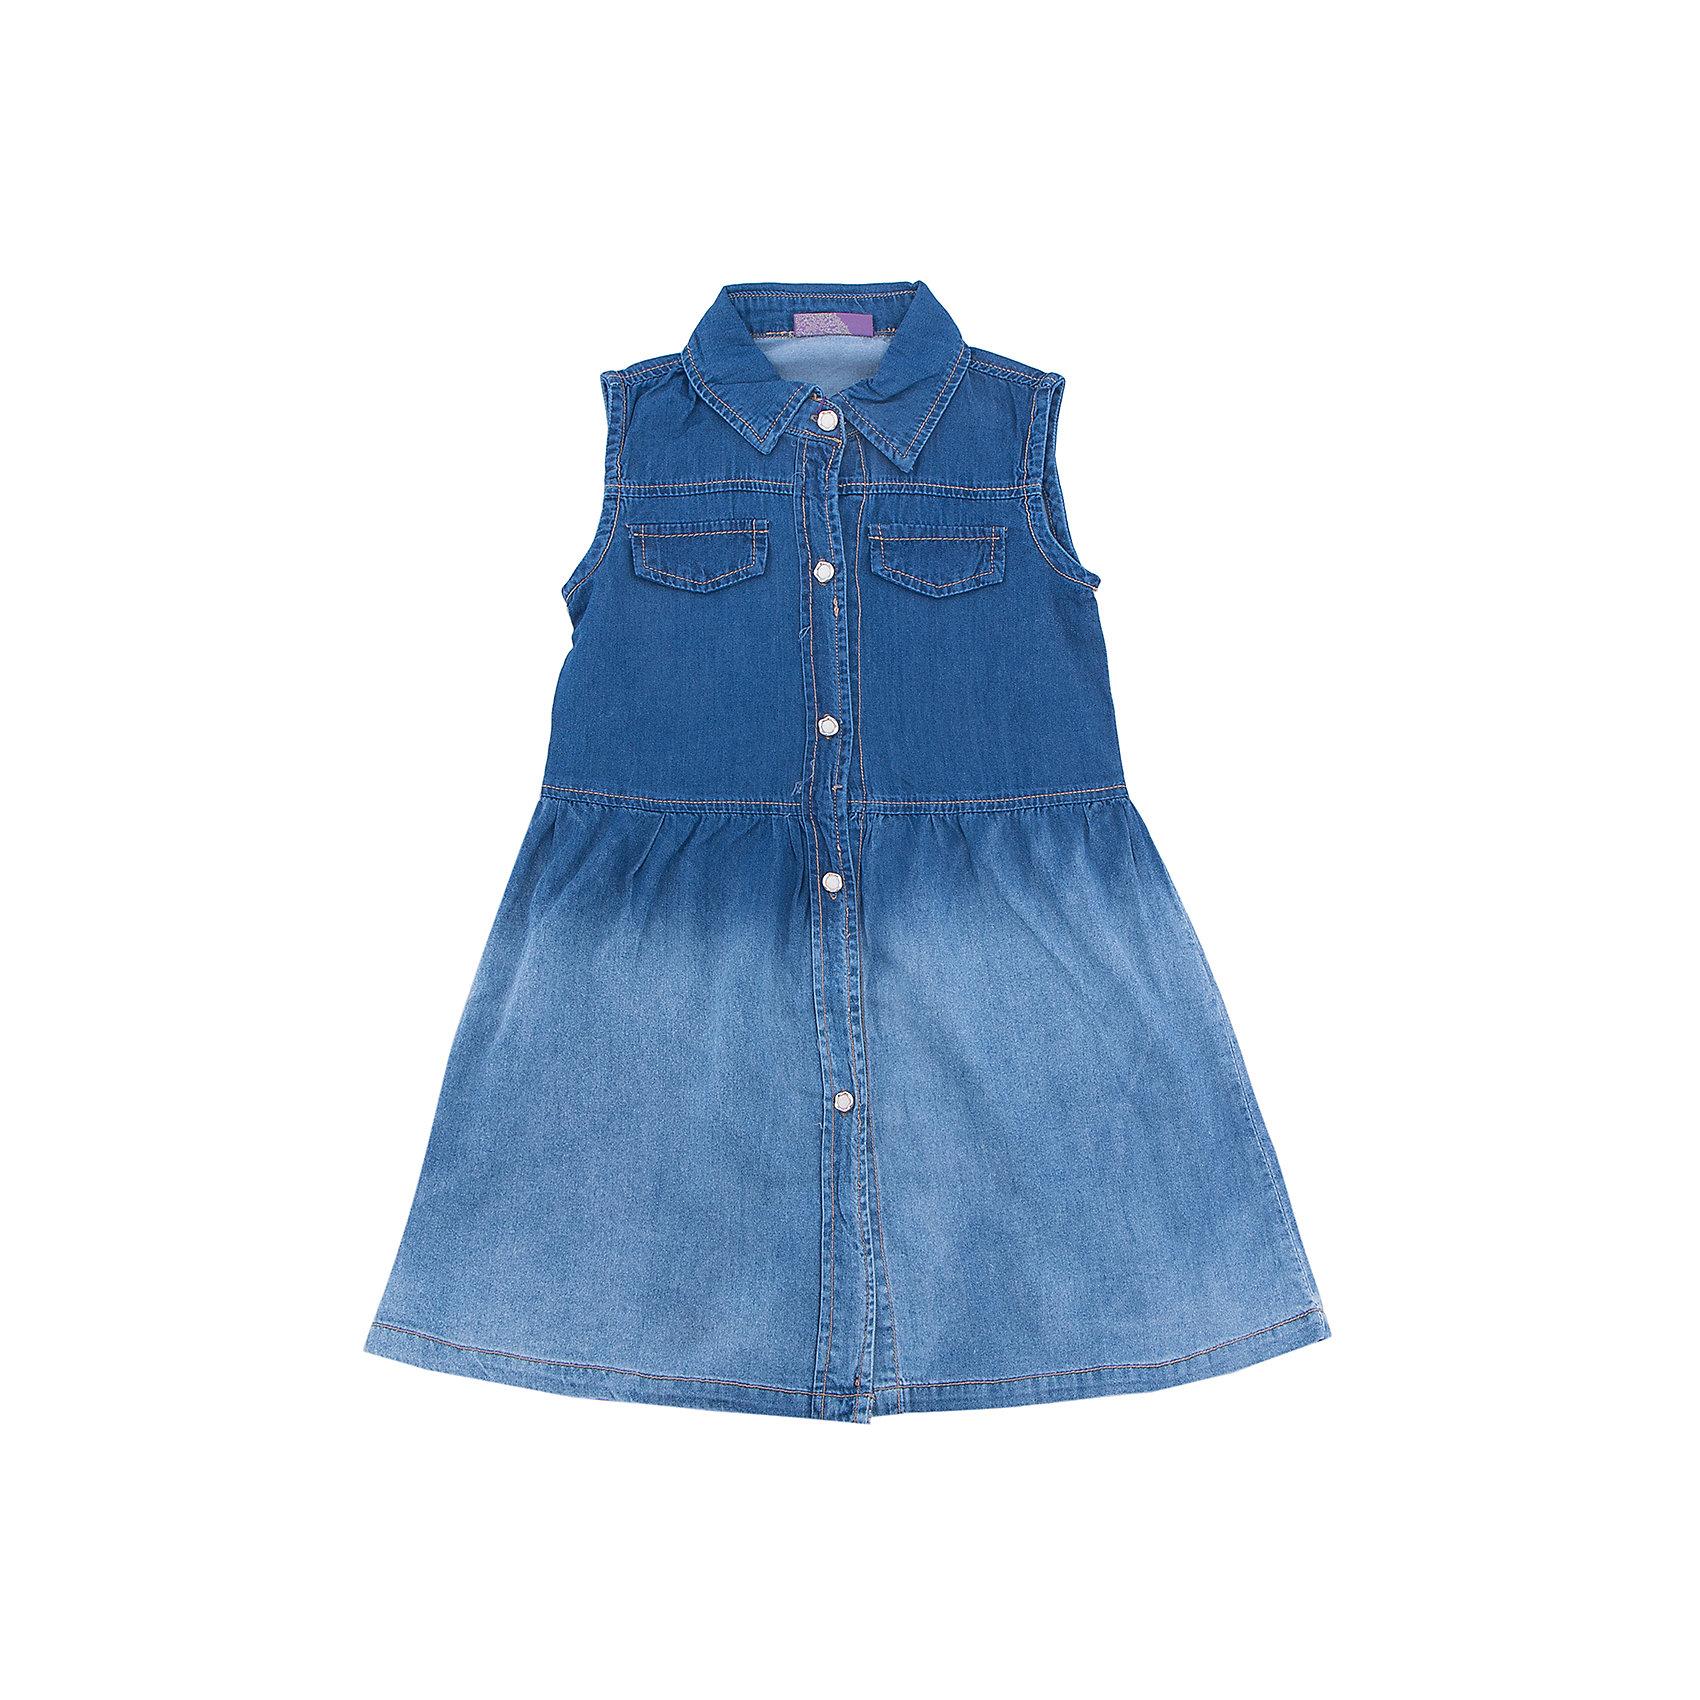 Платье джинсовое для девочки Sweet BerryДжинсовая одежда<br>Платье из тонкого хлопка под джинсу для девочки с отложным воротничком. Застегивается на оригинальные пуговки.<br>Состав:<br>98%хлопок 2%эластан<br><br>Ширина мм: 236<br>Глубина мм: 16<br>Высота мм: 184<br>Вес г: 177<br>Цвет: синий<br>Возраст от месяцев: 24<br>Возраст до месяцев: 36<br>Пол: Женский<br>Возраст: Детский<br>Размер: 98,104,128,122,116,110<br>SKU: 5412400